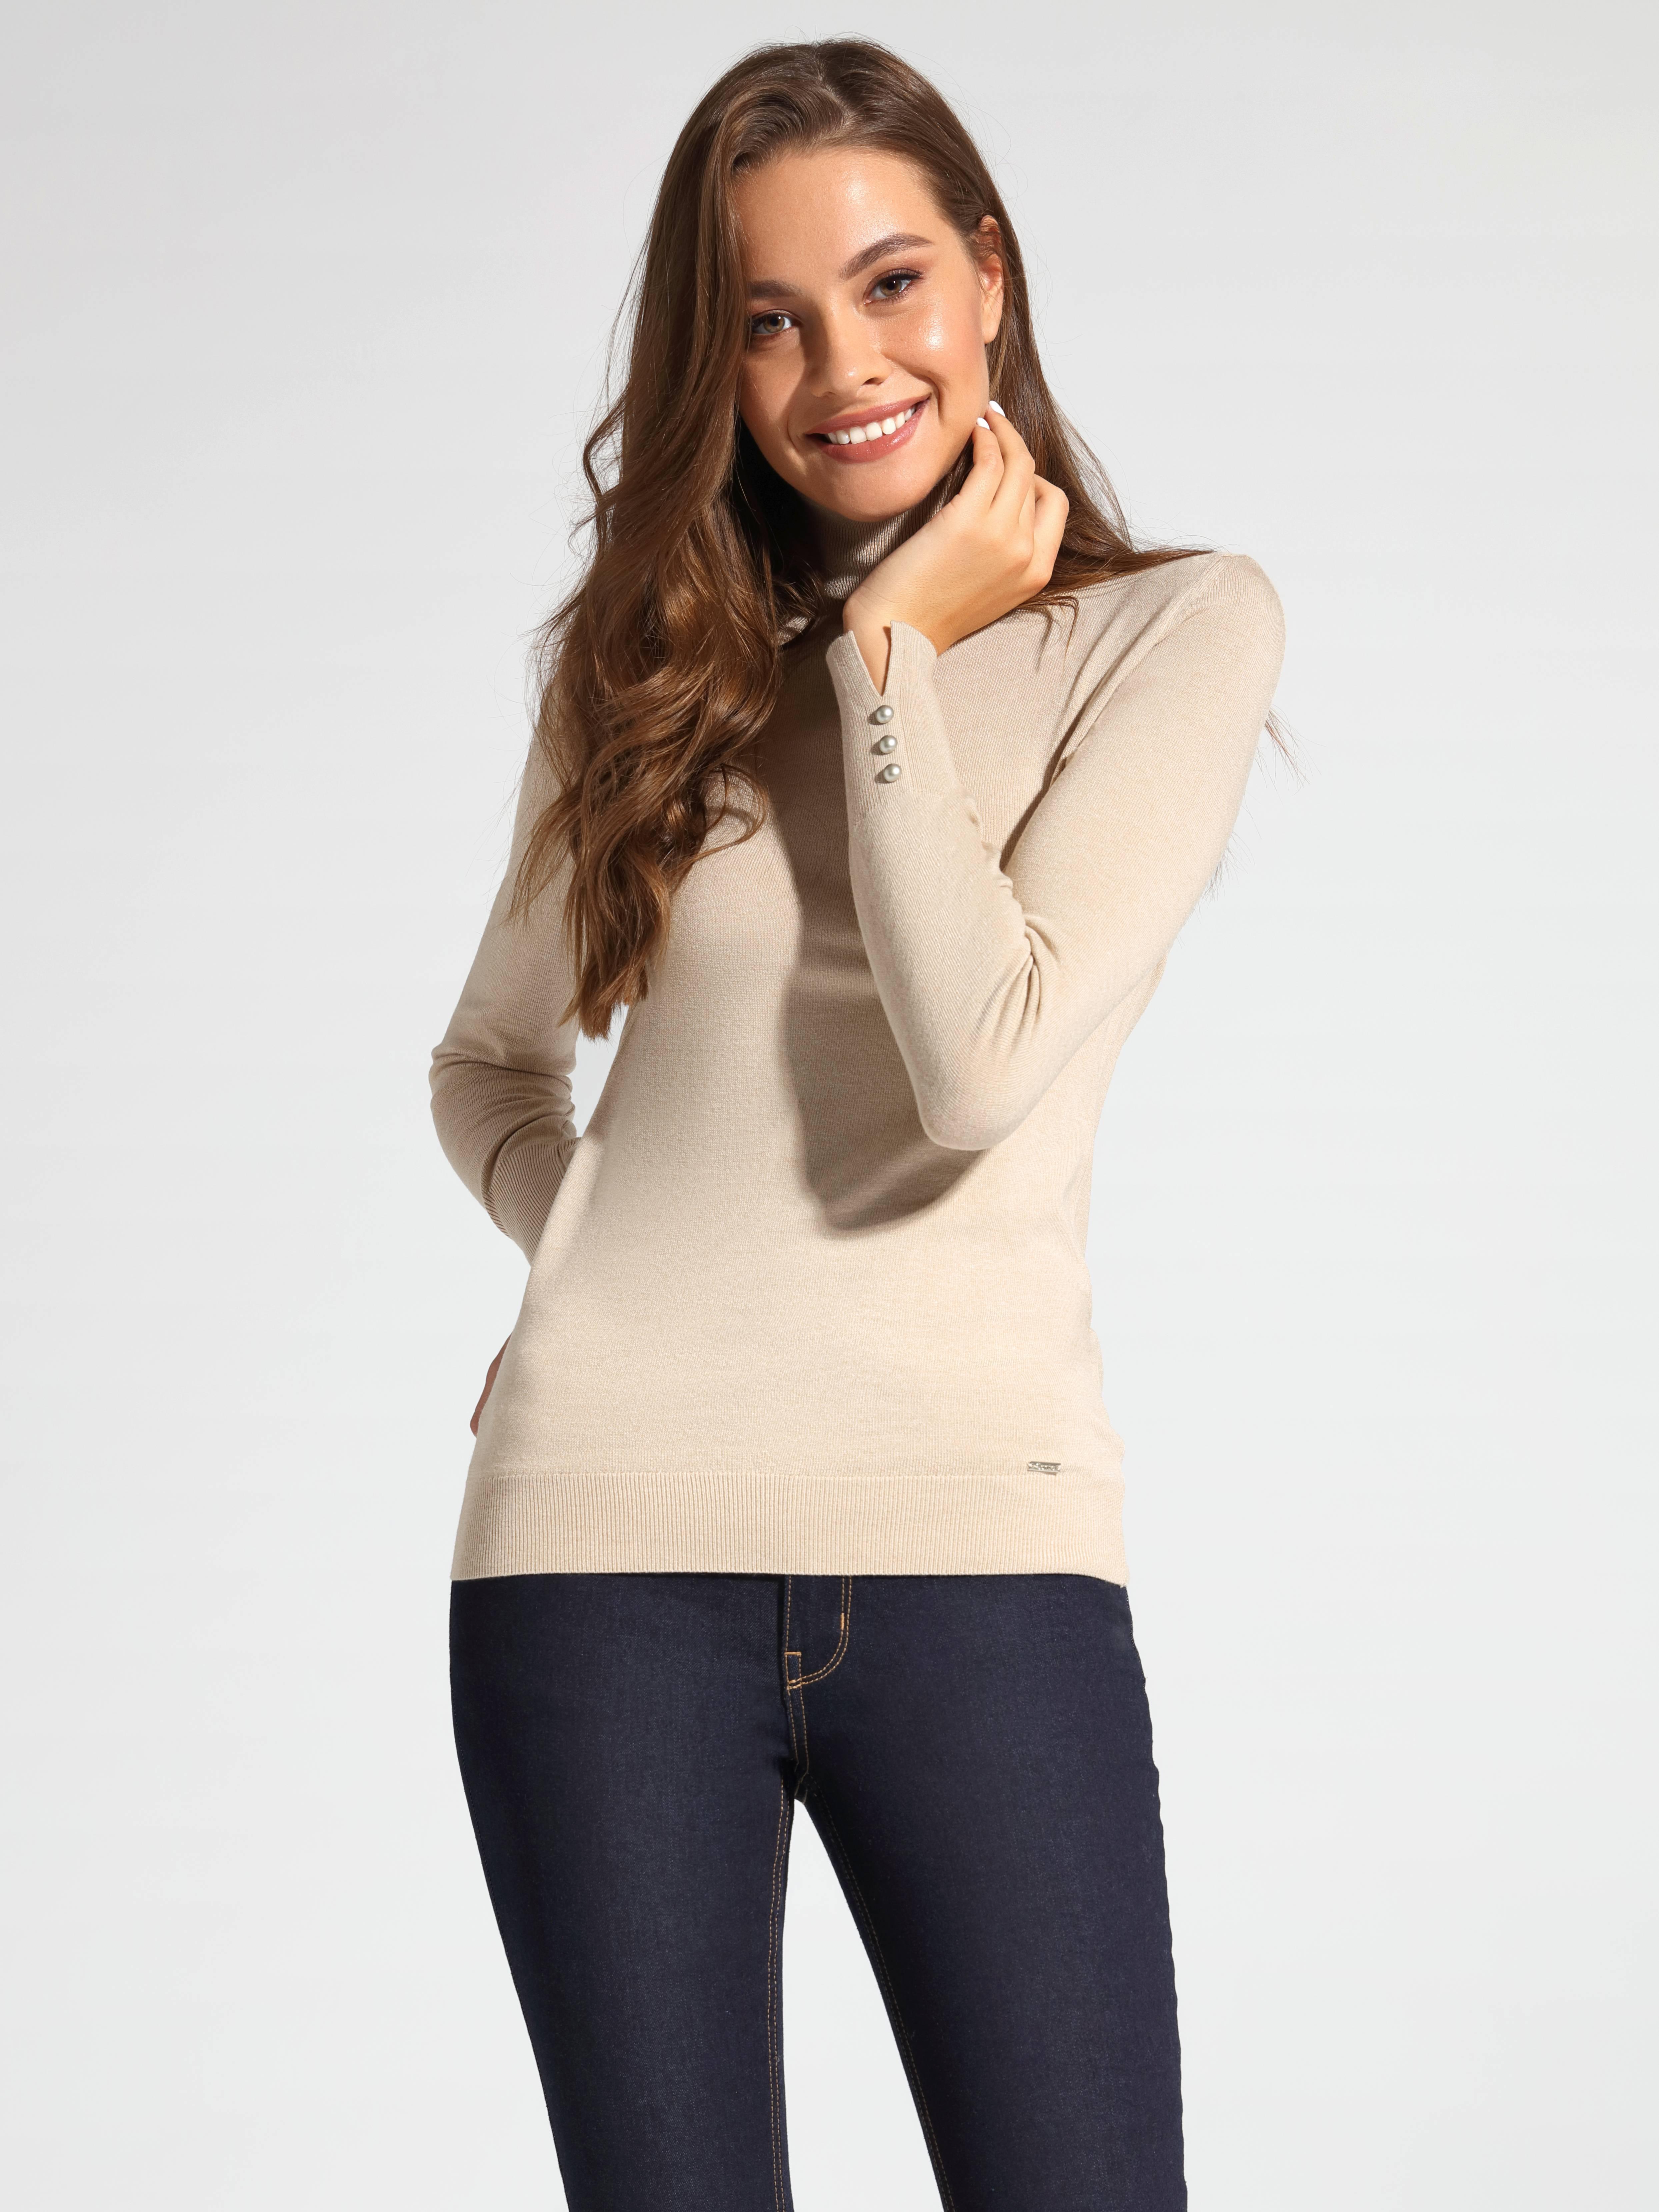 Джемпер жен. ⭐️ Вязаный свитер из итальянской пряжи с вискозой премиального качества LDK 055 ⭐️